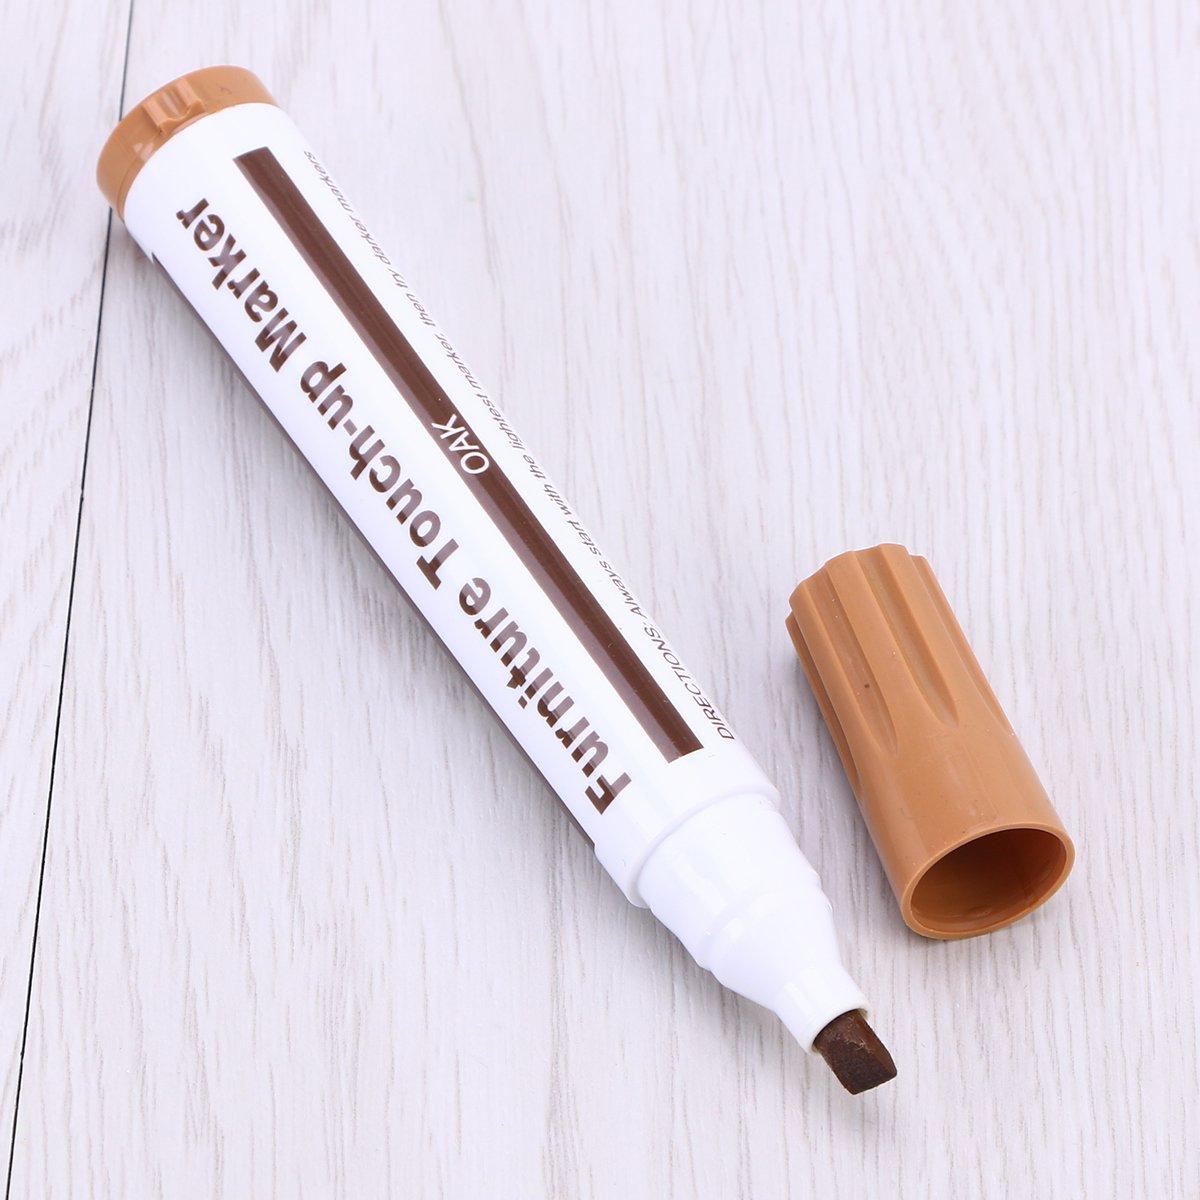 OUNONA 12 in 1 M/öbelset aus Holz zur Reparatur von Kratzern Lackmarker f/ür Indossati Pastellstifte Set von Furniture Repair System